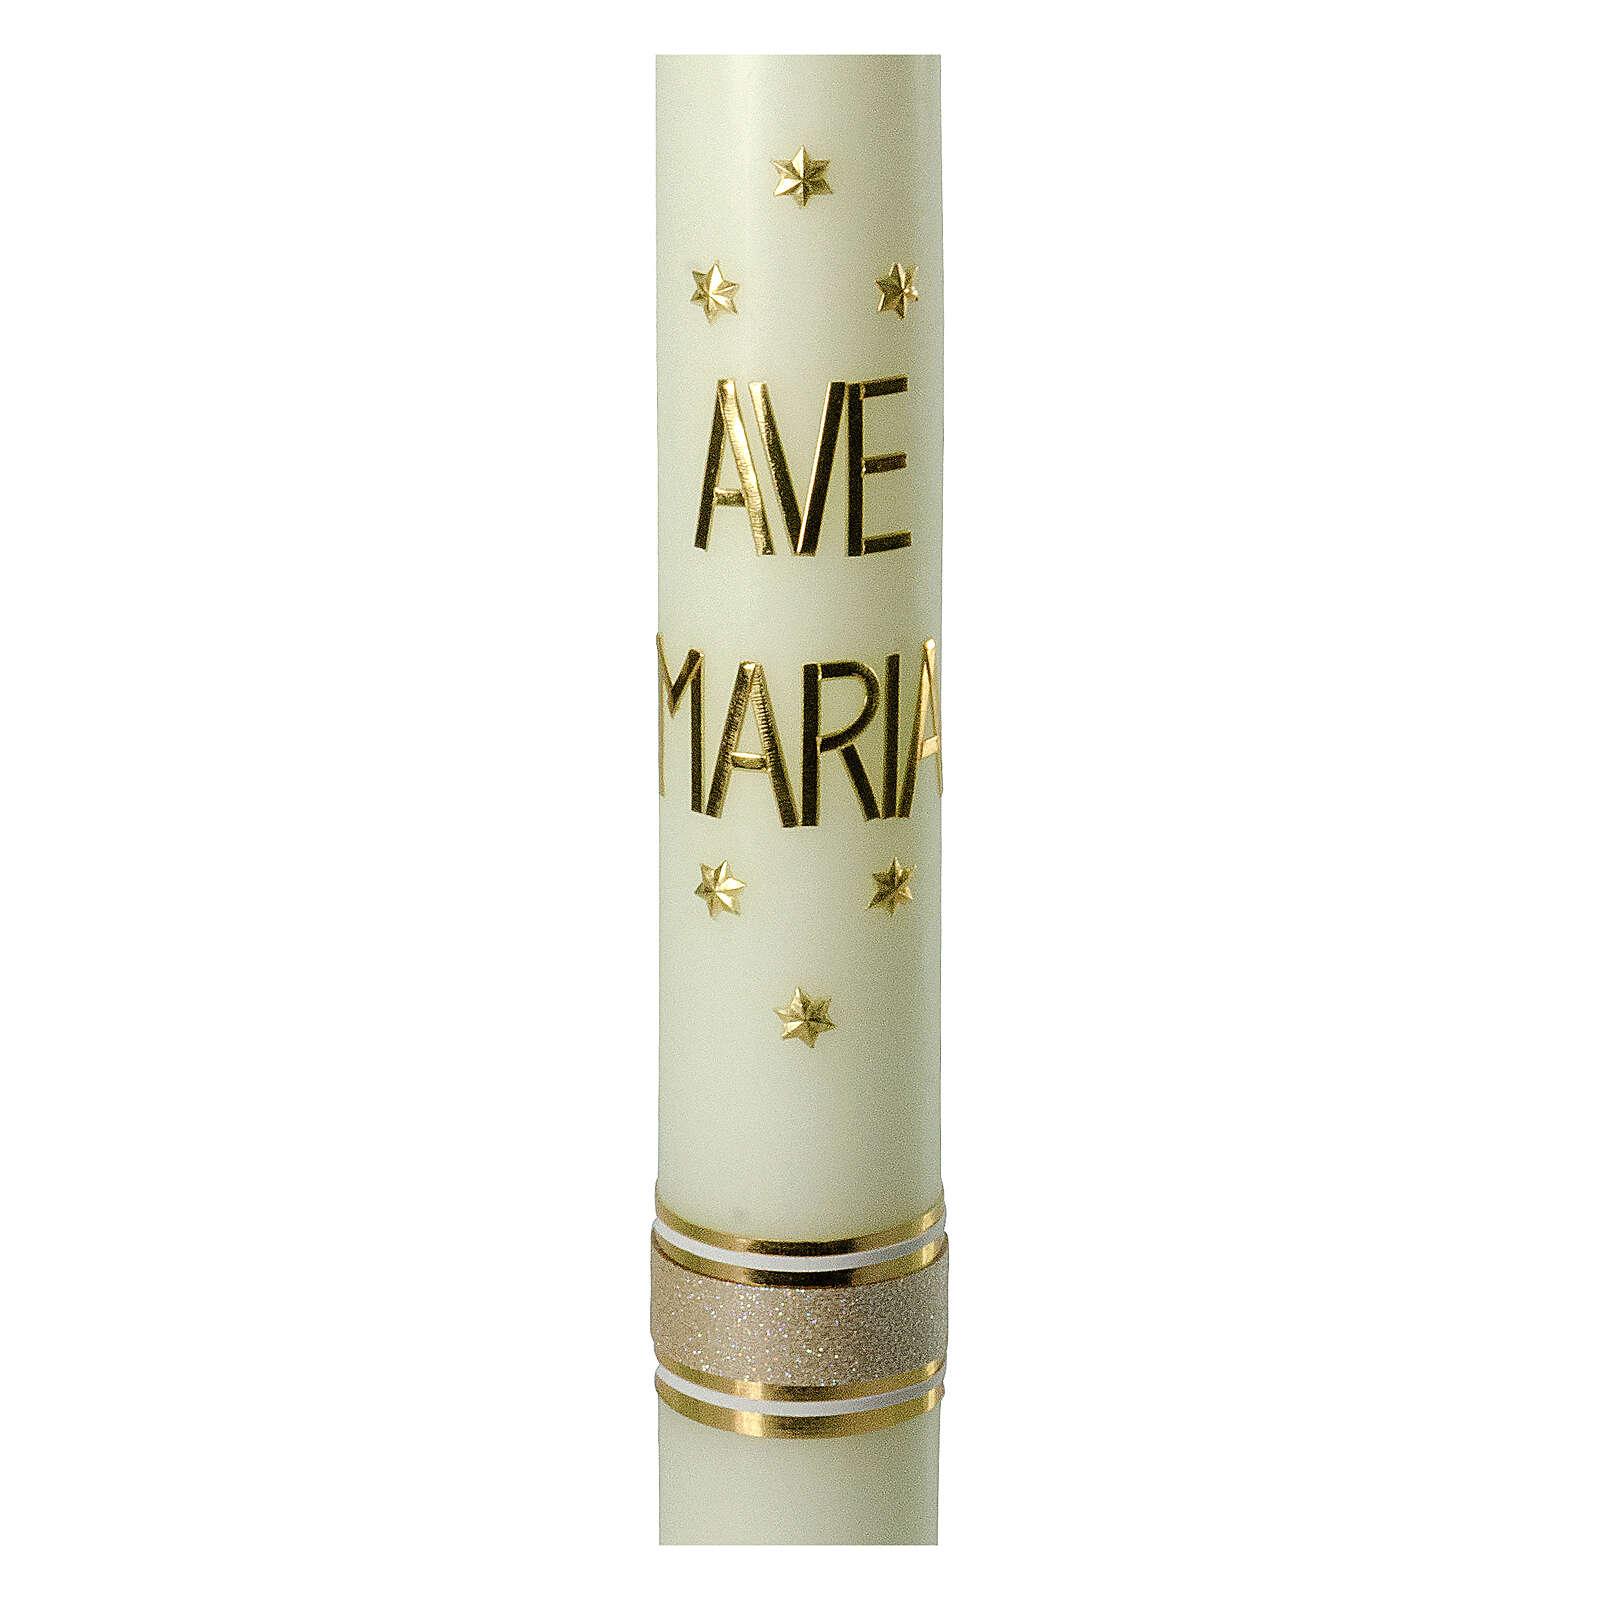 Kerze Ave Maria mit goldenen Sternen, 600x60 mm 3